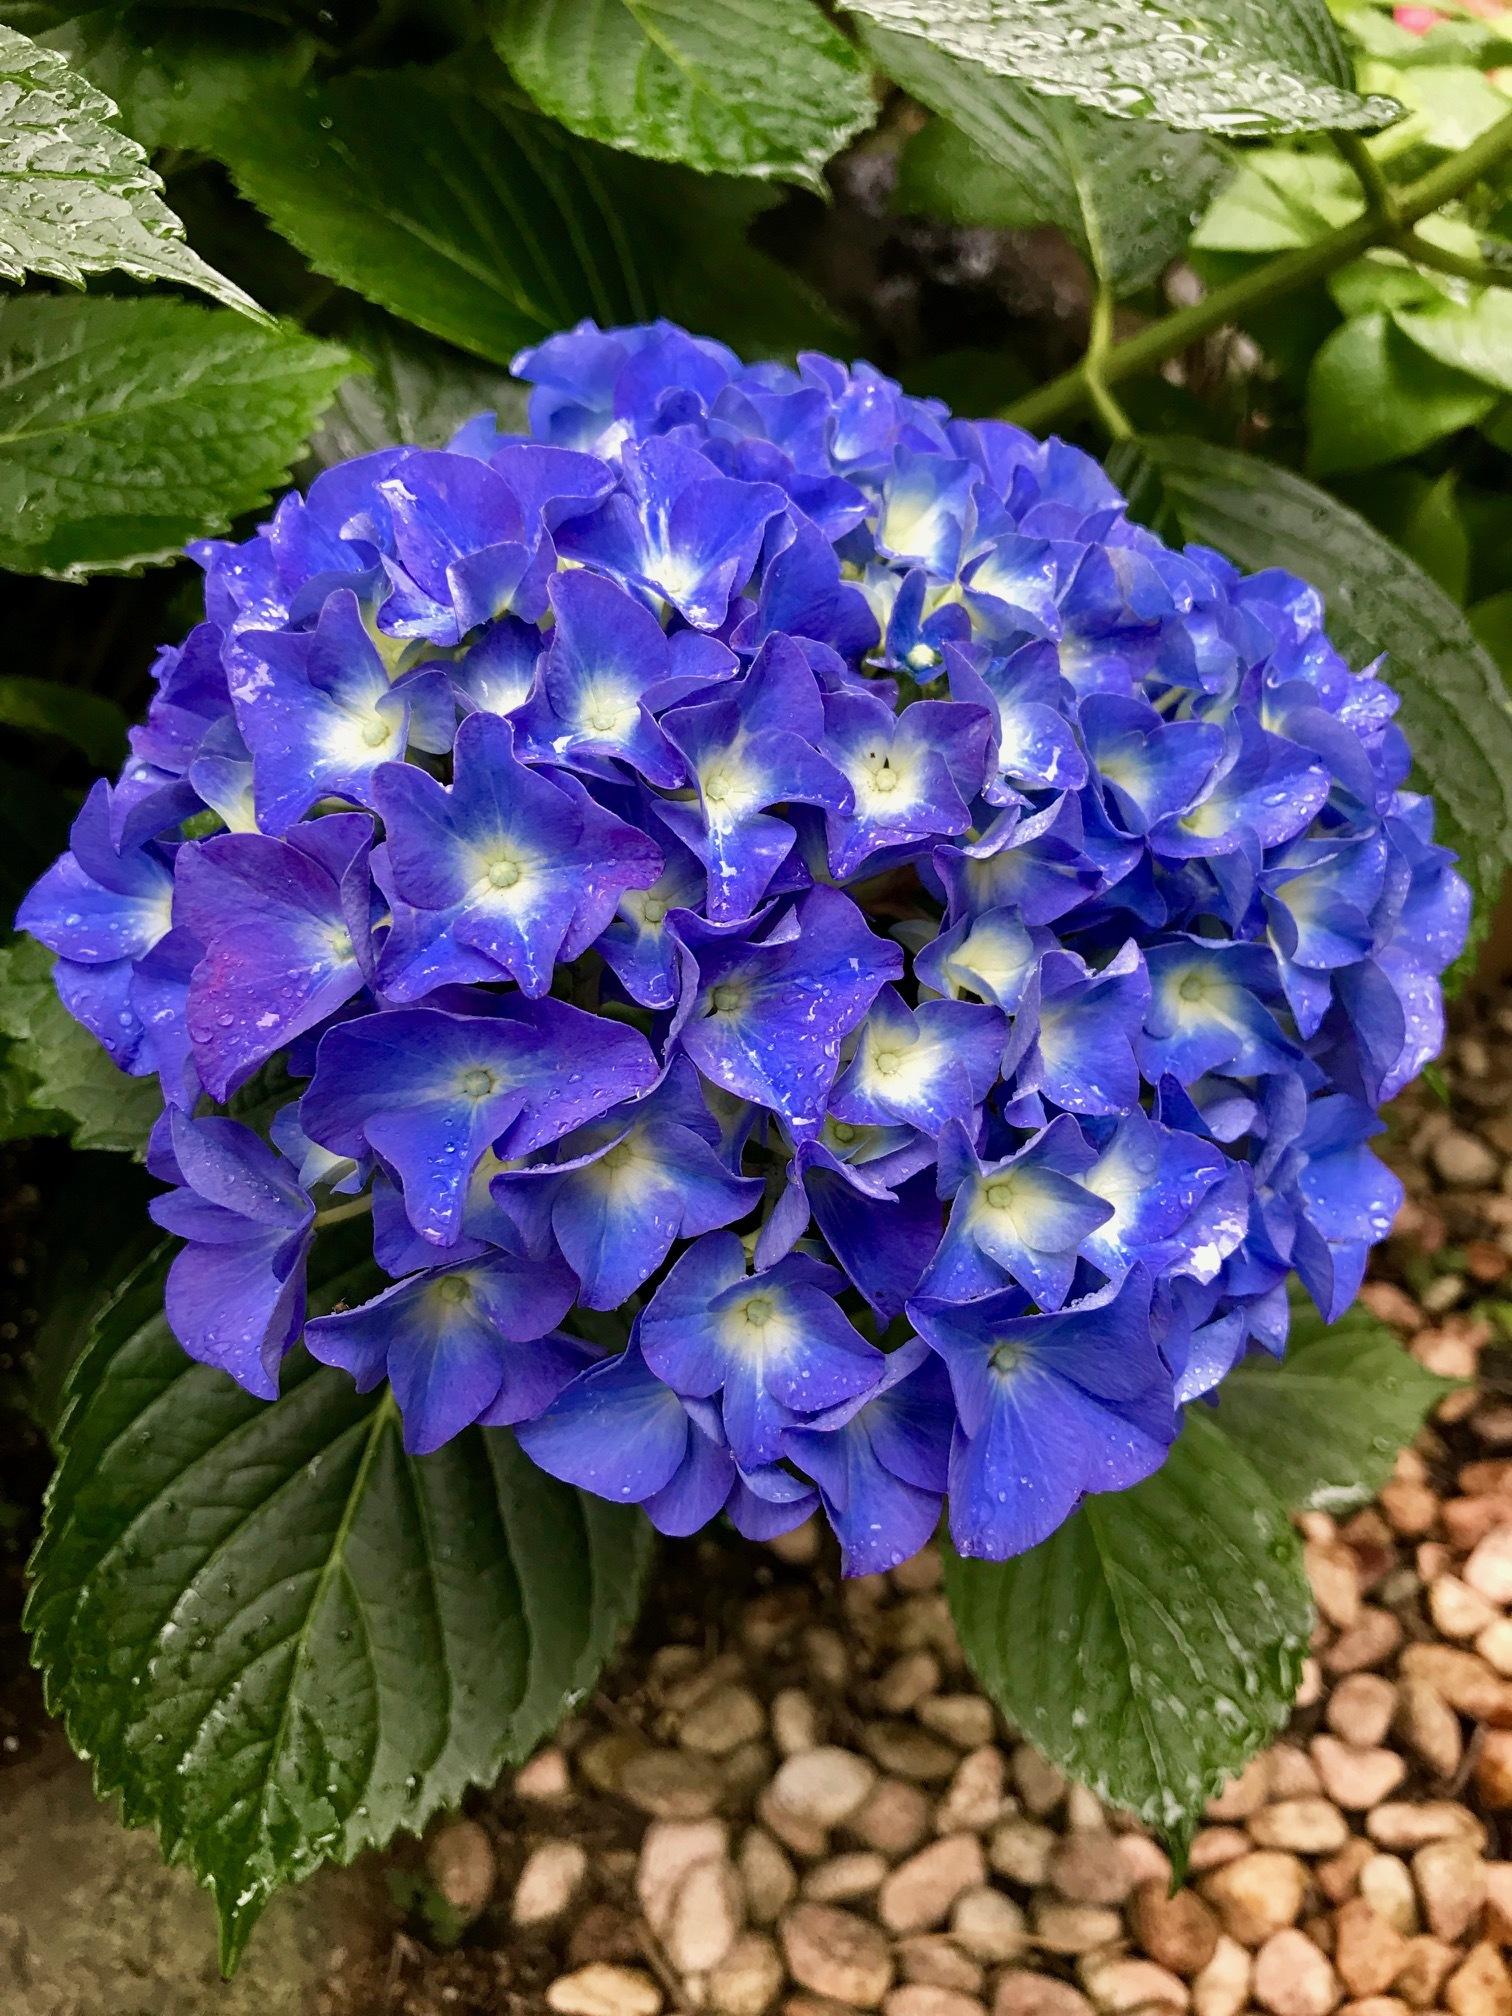 雨露を抱いた青い紫陽花